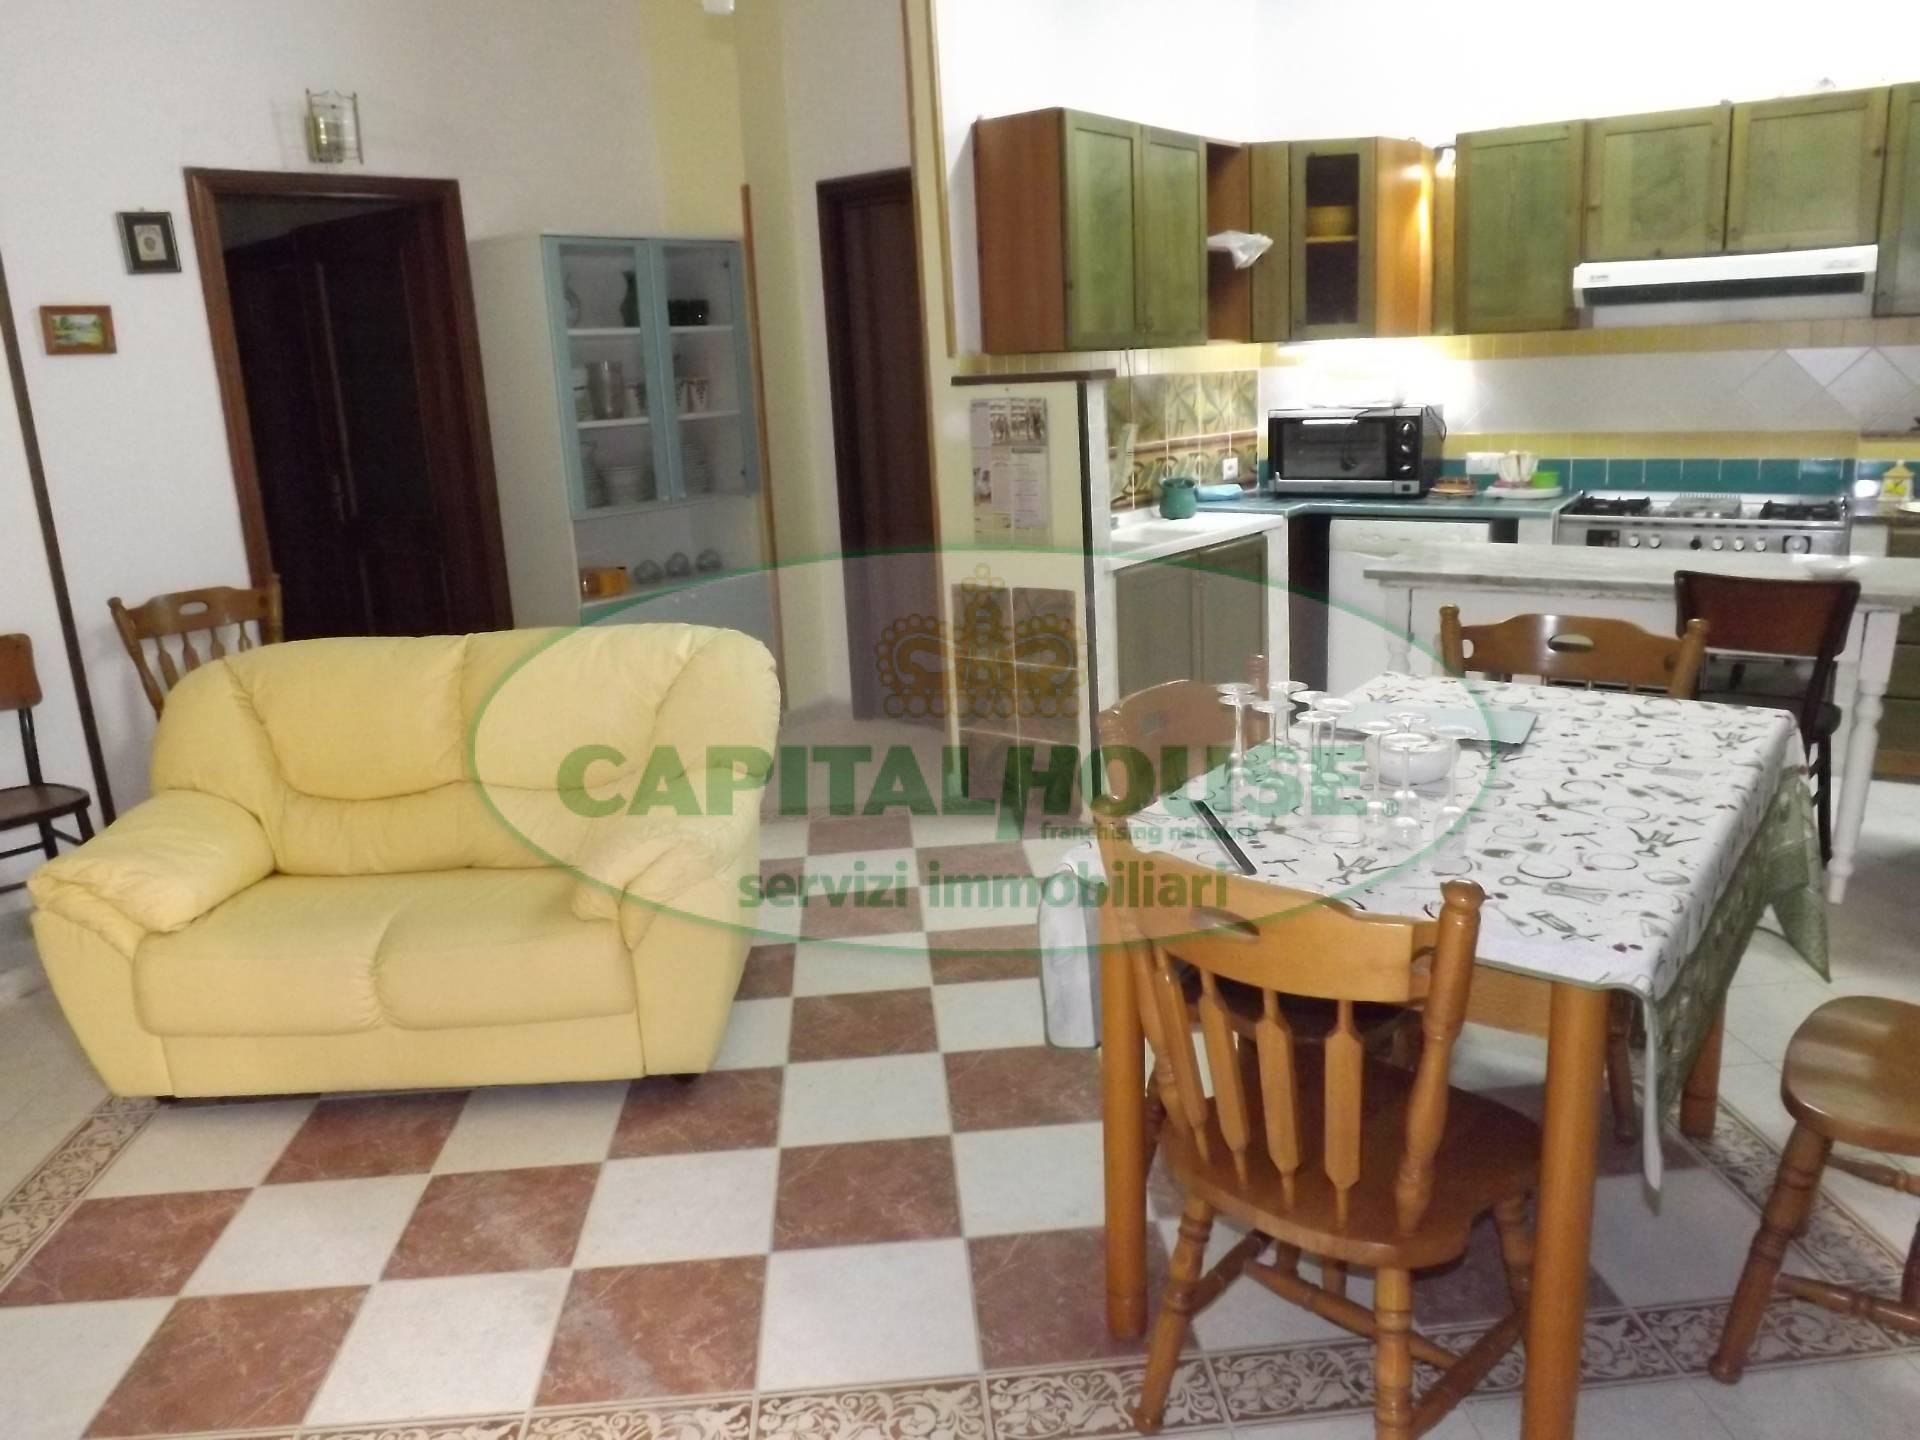 Appartamento in affitto a San Potito Ultra, 3 locali, prezzo € 270 | CambioCasa.it